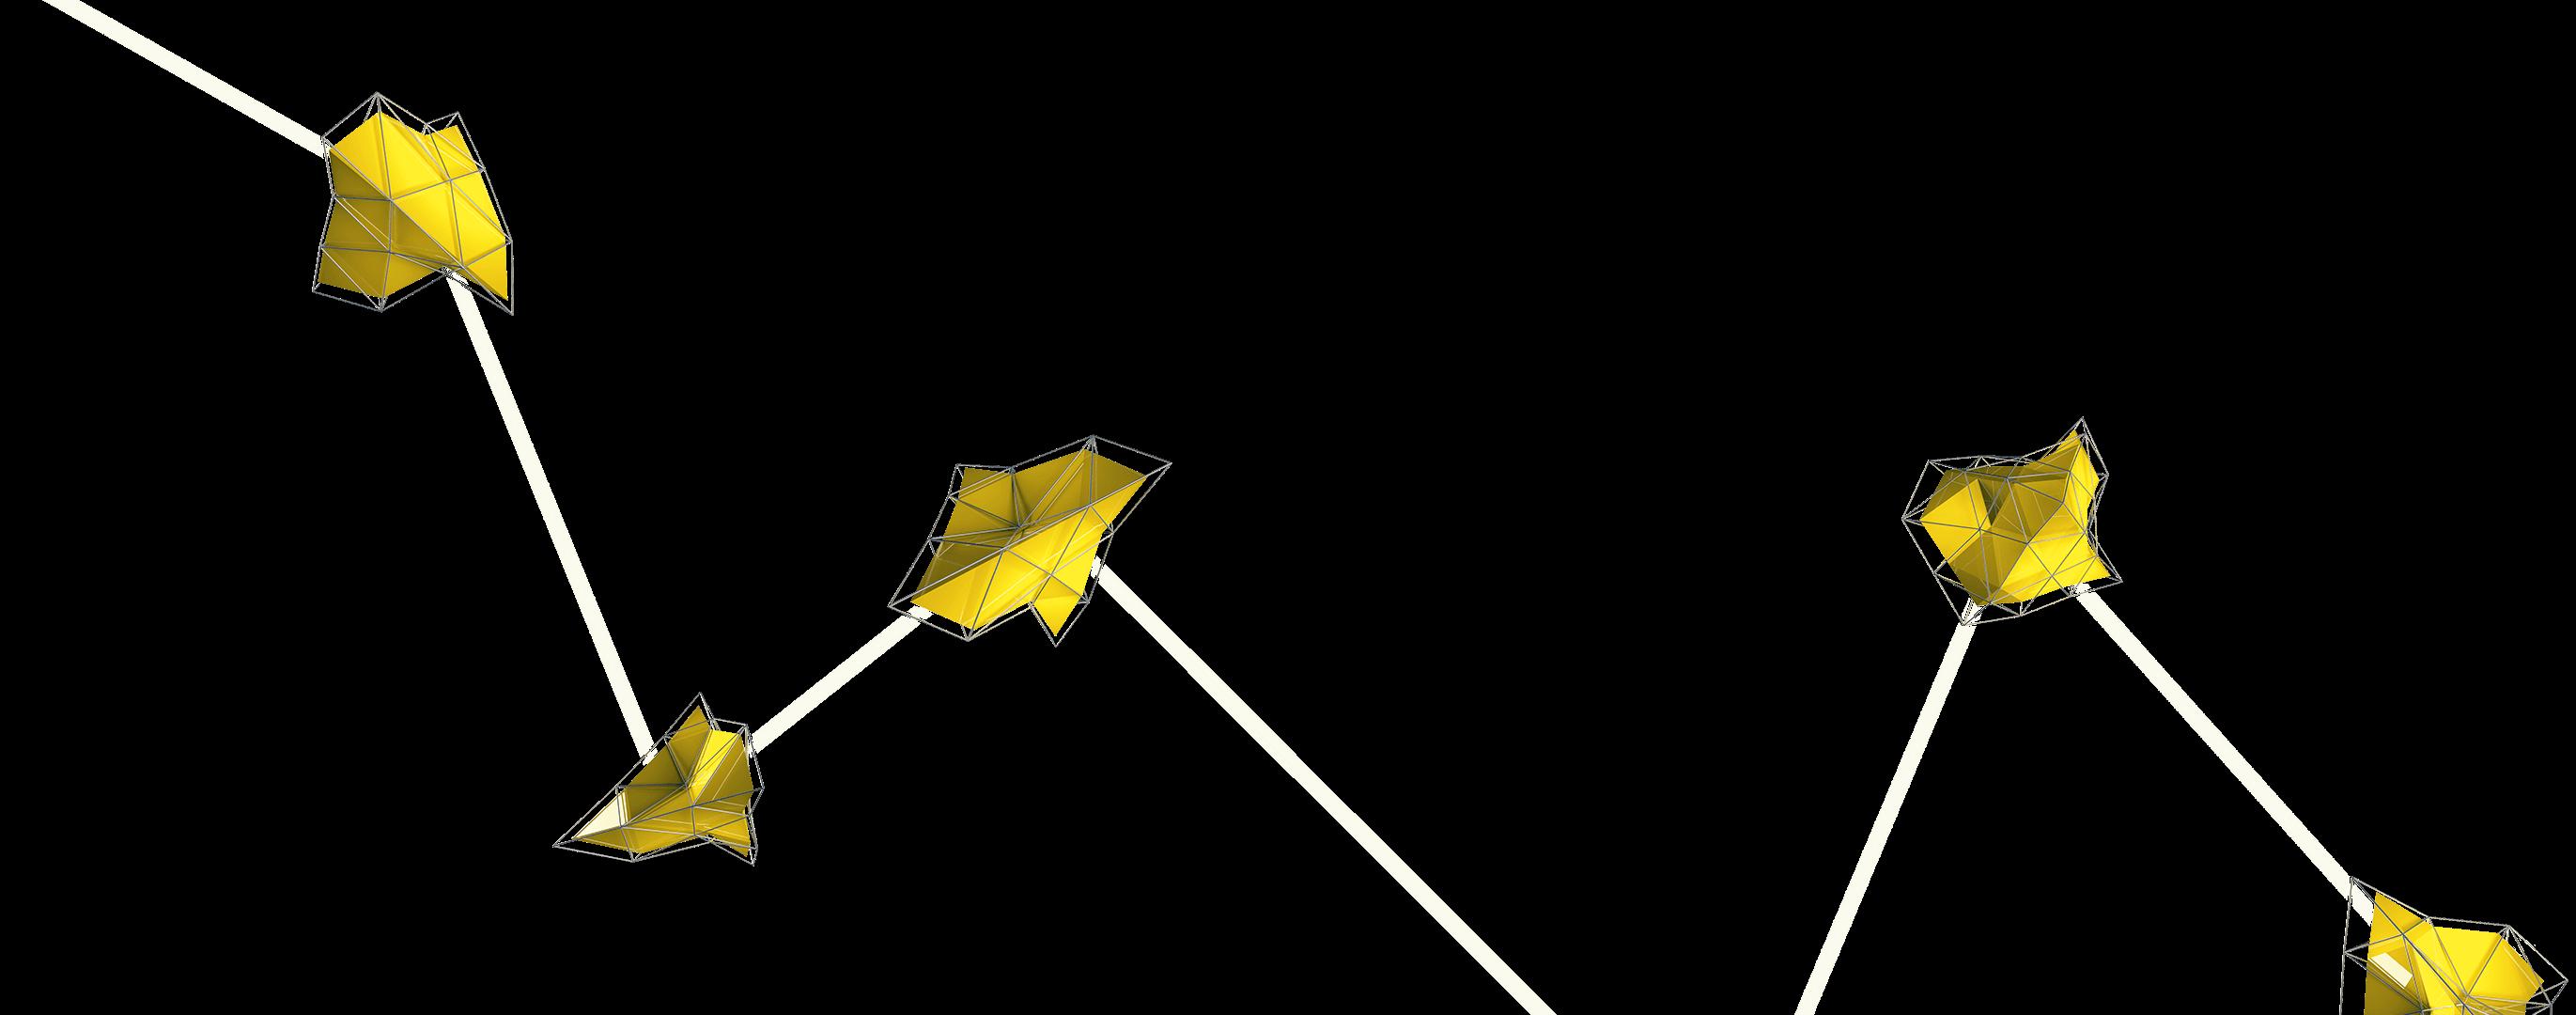 Die Anwendungsfelder von 3d sind vielfältig und ermöglichen Darstellung erlebar zu machen - Die Agentur David Bock visualisiert Ihre Ideen